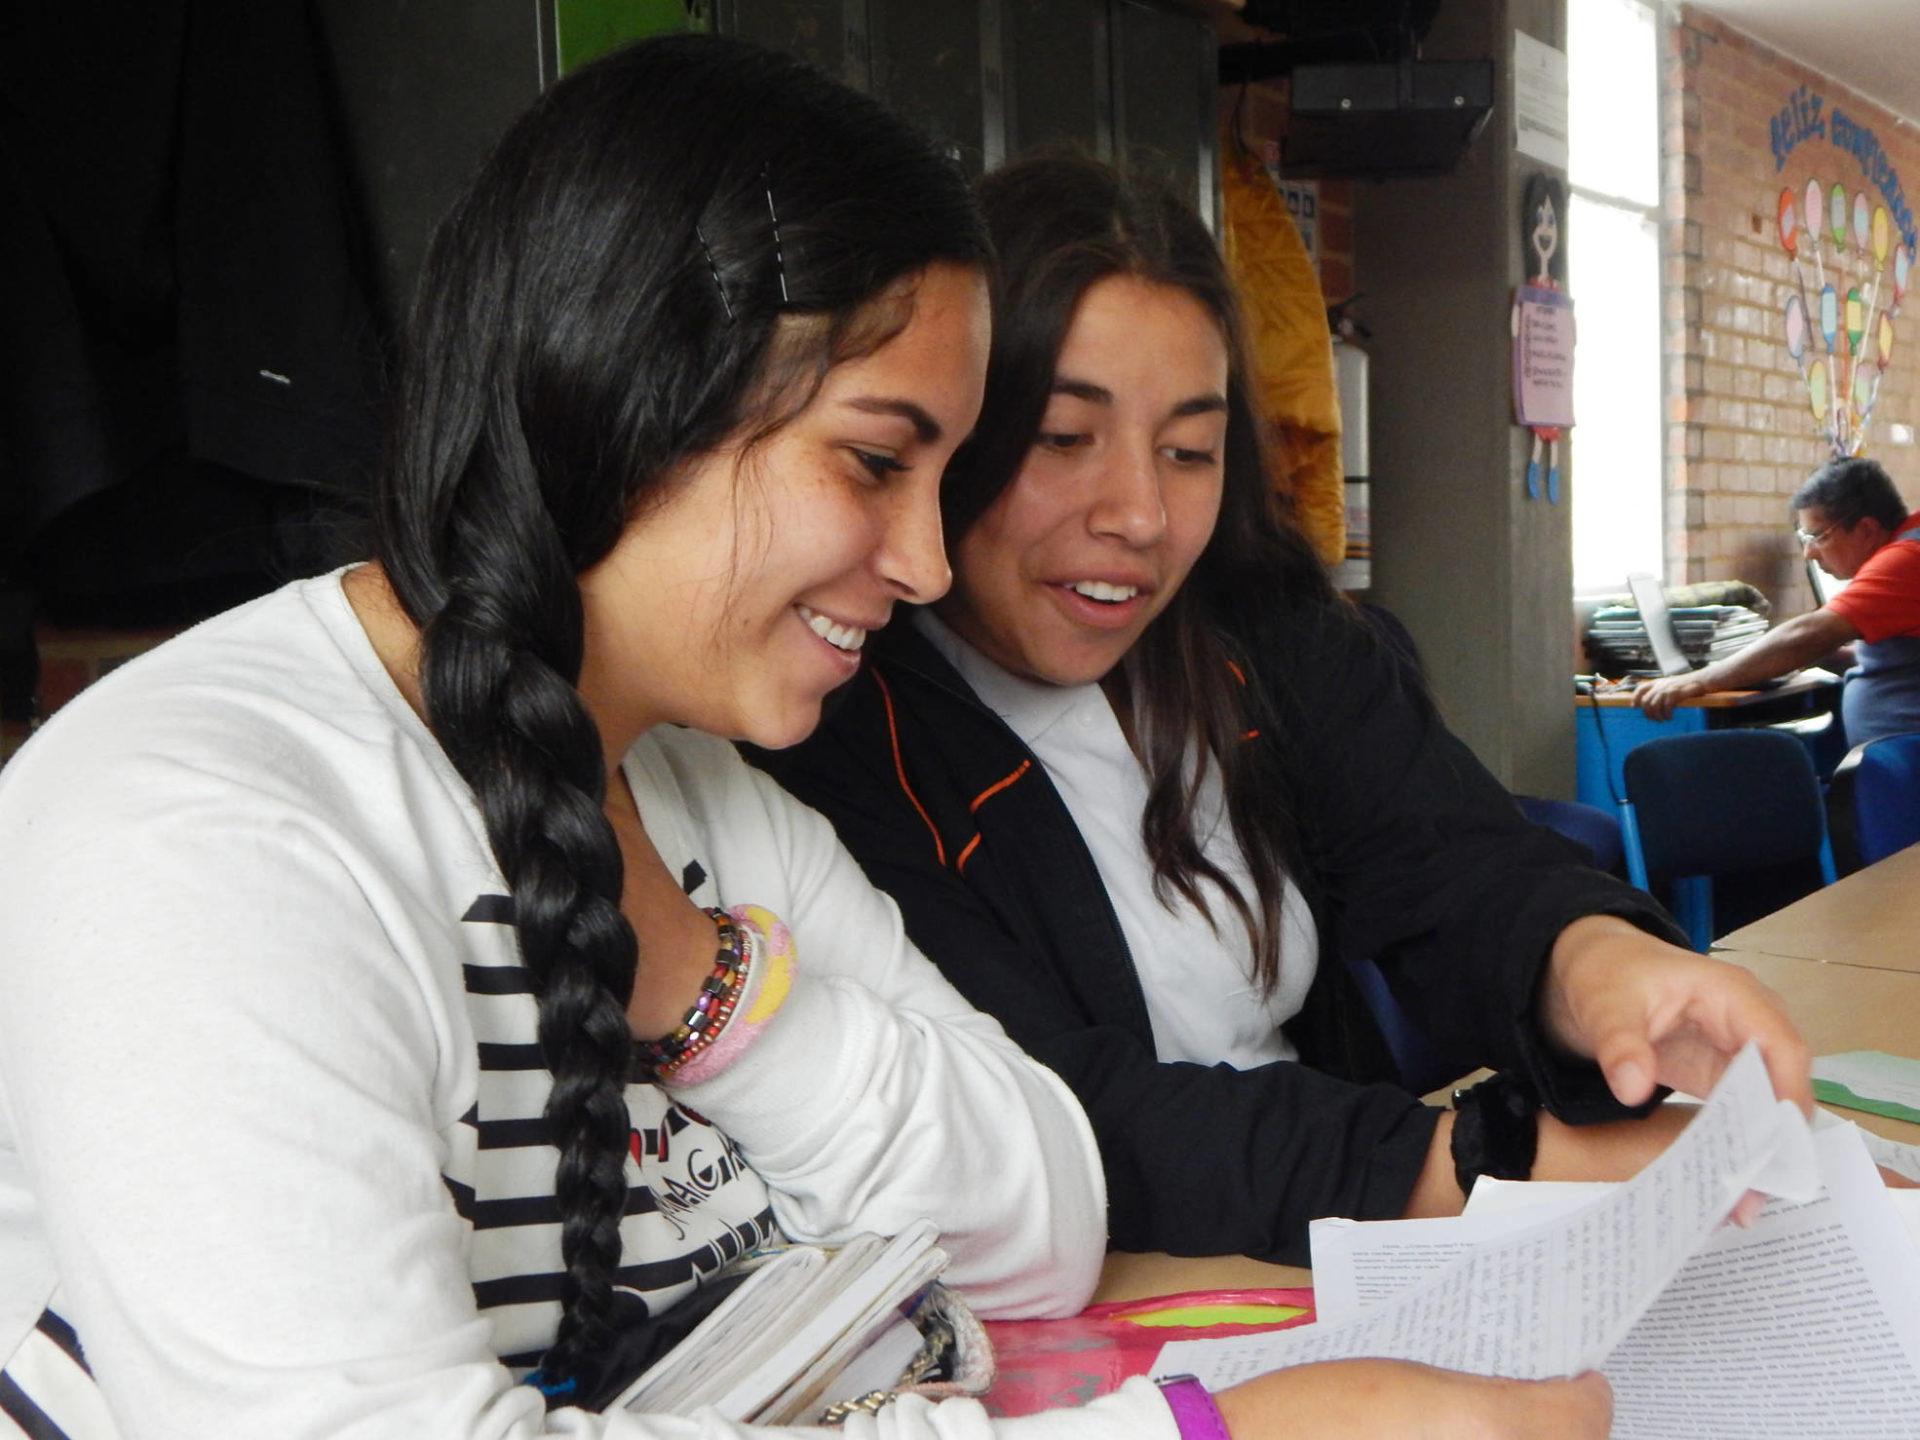 Estudiantes-del-colegio-Codama-de-Bogotá-leen-las-cartas-que les envían reclusos de diferentes cárceles del país